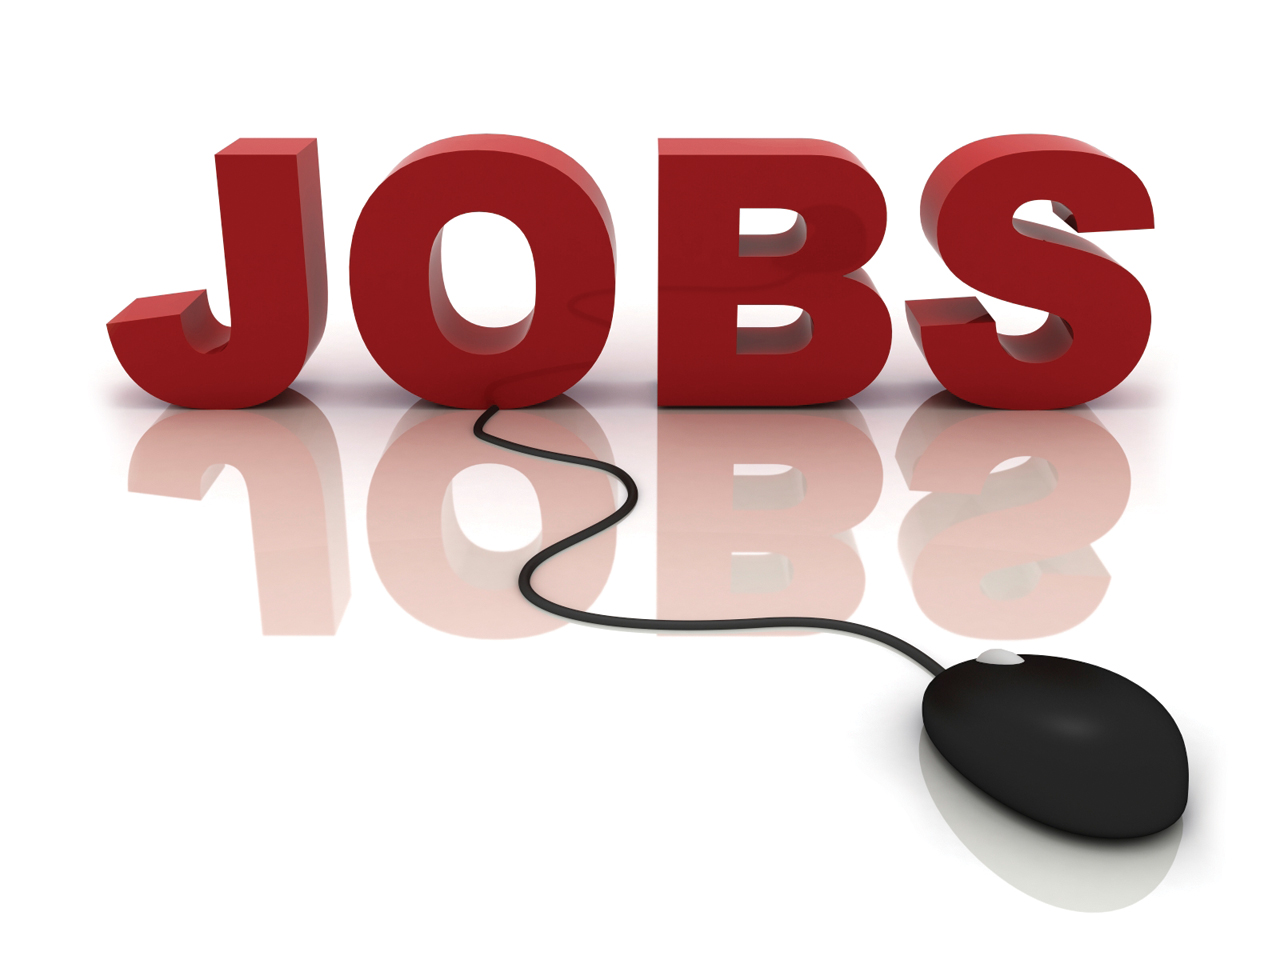 Προκηρύξεις για 144 θέσεις εργασίας στον ευρύτερο δημόσιο τομέα (Τελευταία Ενημέρωση 23/8/2017)